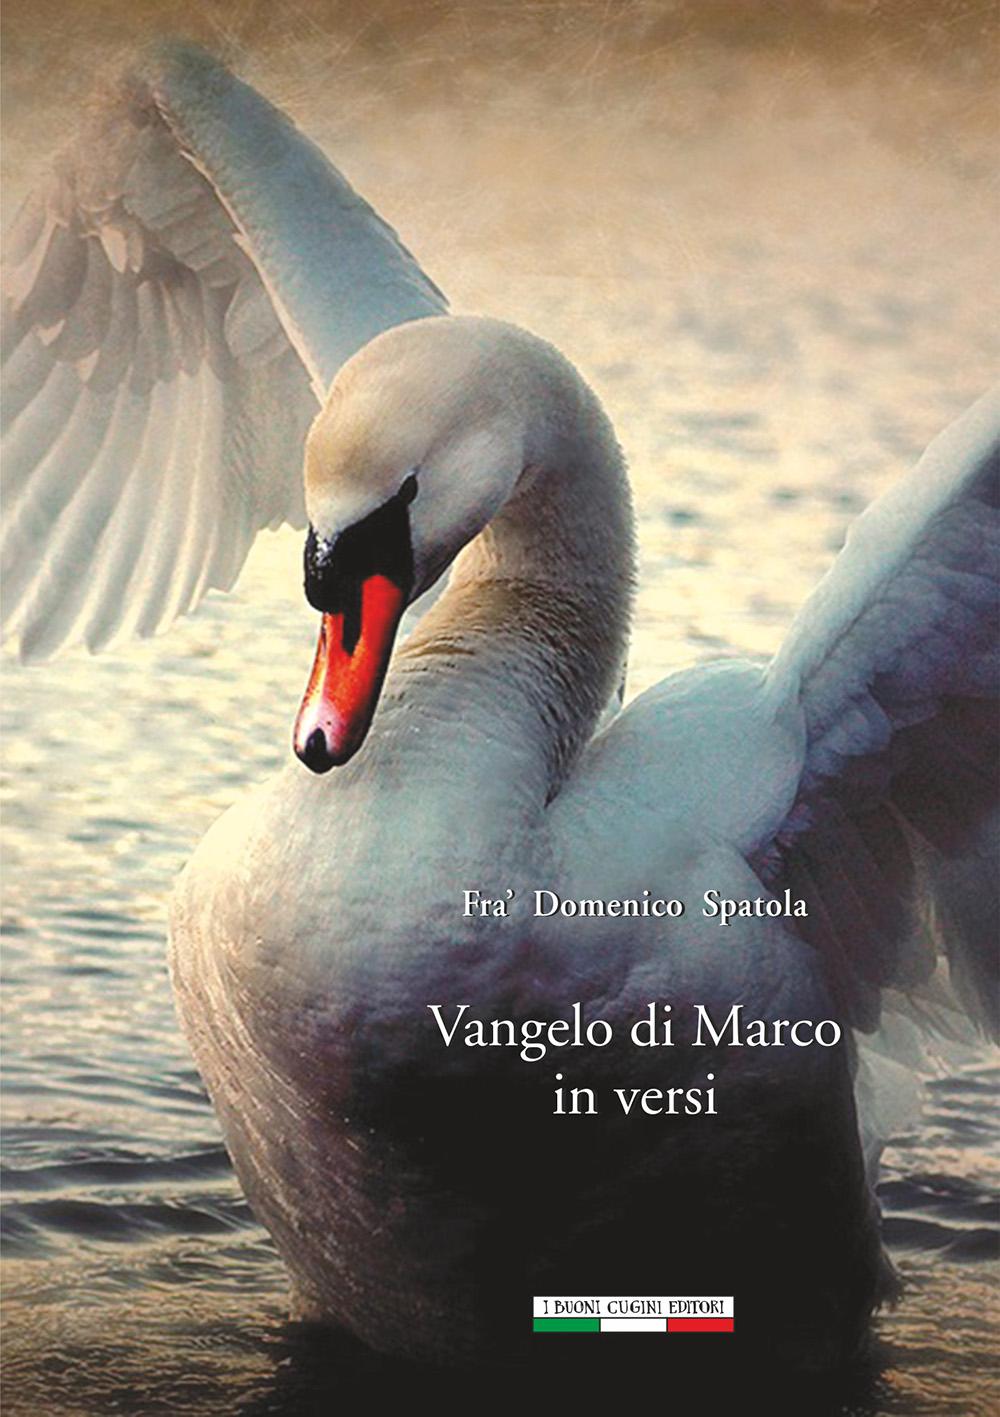 Per acquistare Vangelo di Marco in versi su Amazon